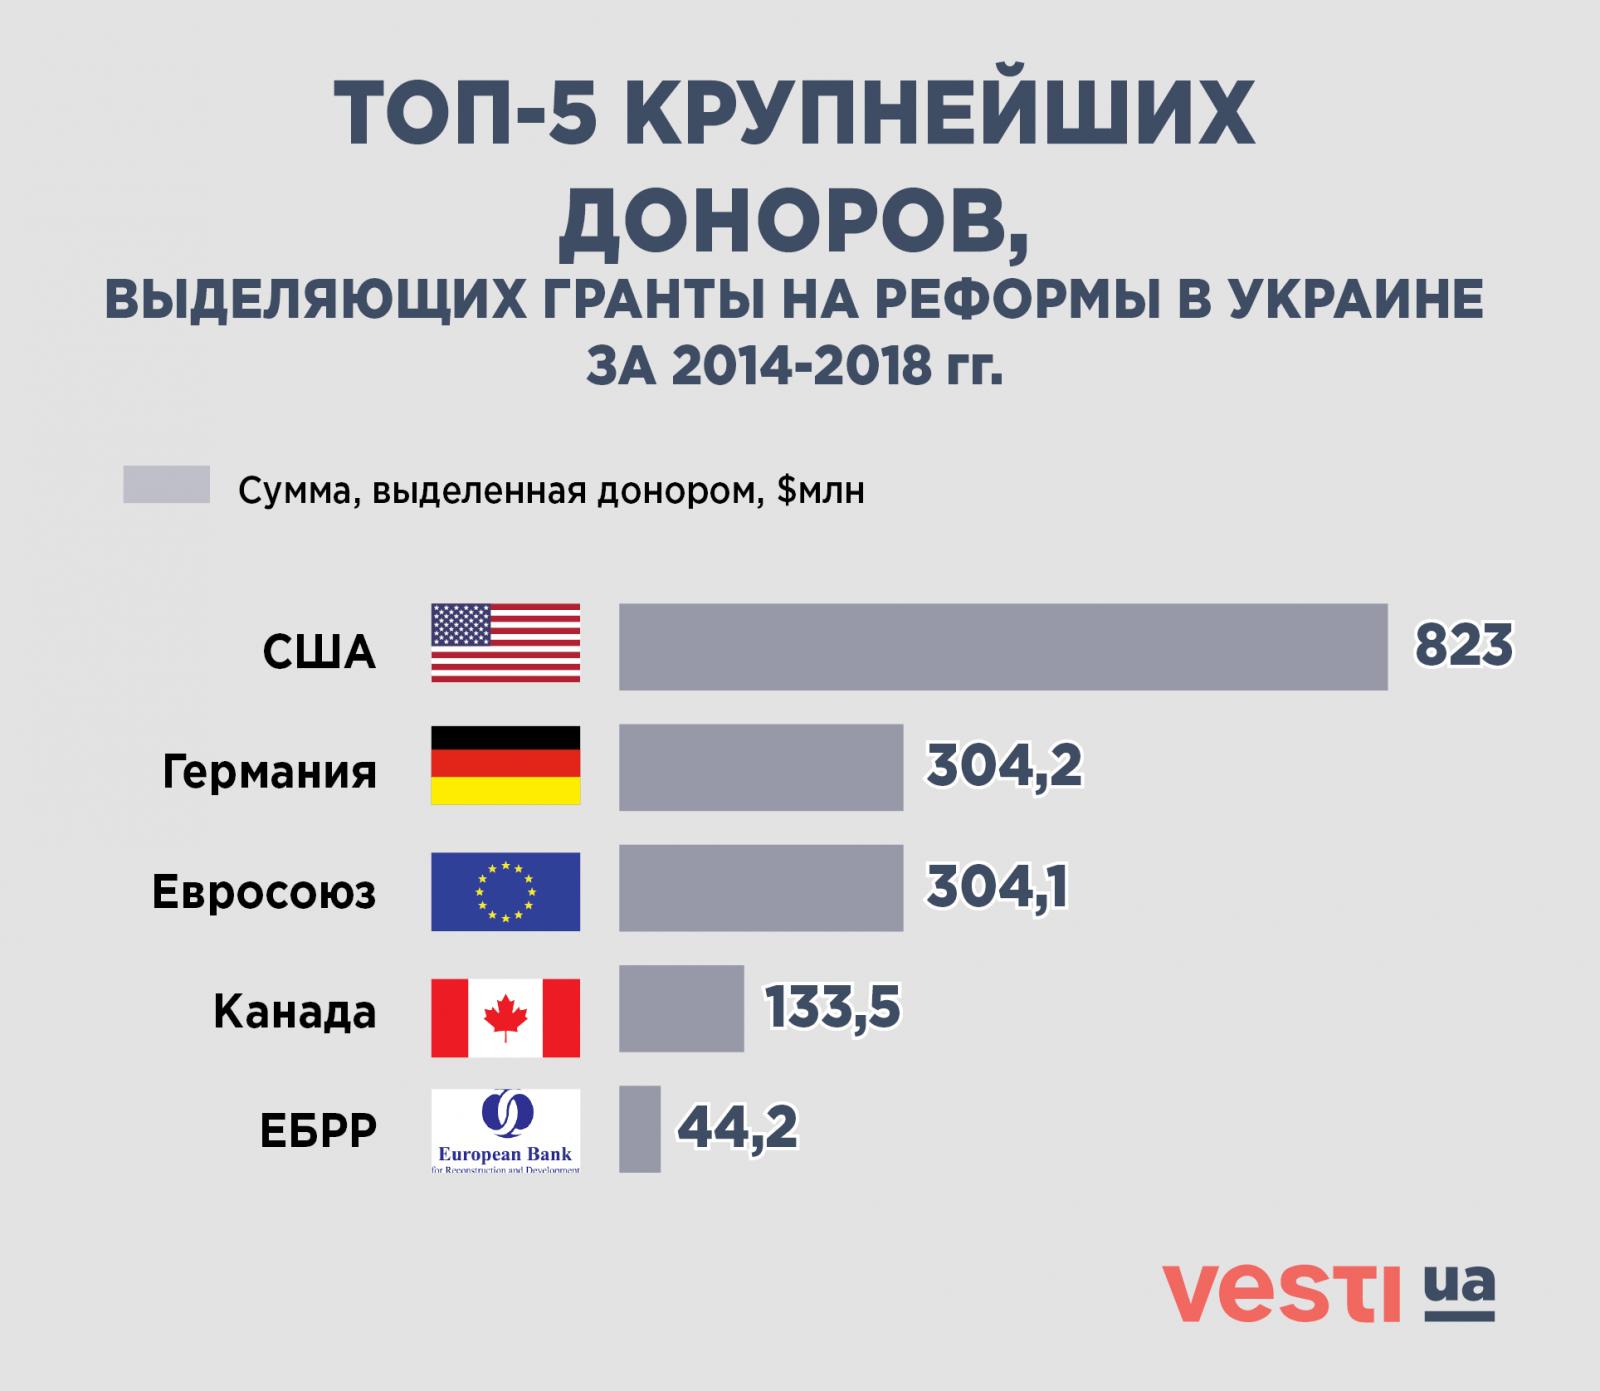 Безопасность на деньги Запада. Зачем США помогают украинской оборонке - фото 1